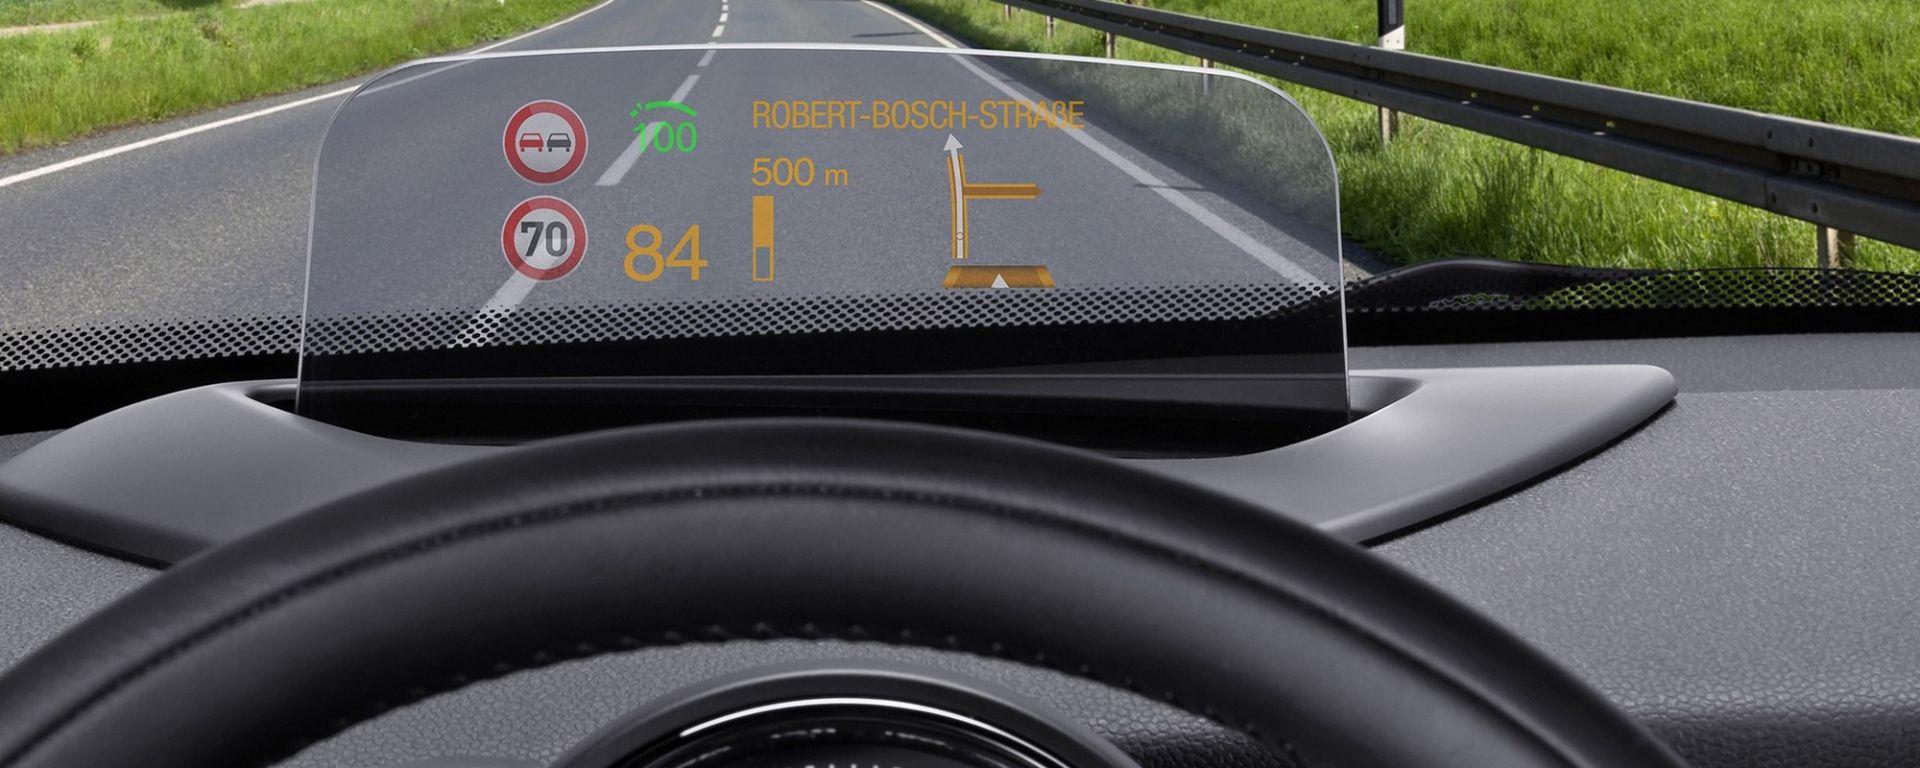 Bosch, presto uno scanner per la proiezione laser interattiva